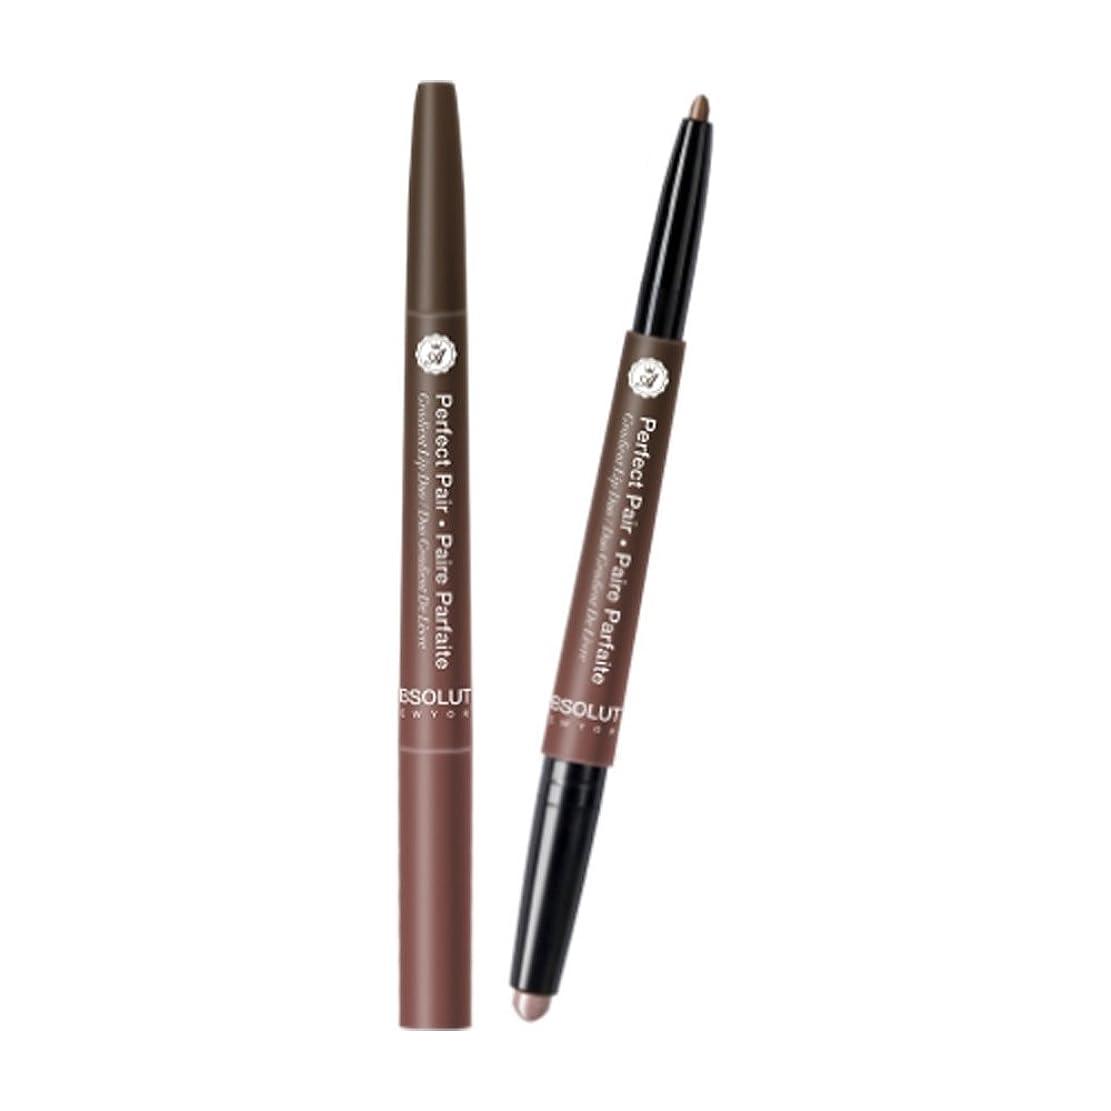 消すブルジョンチャンピオンシップ(3 Pack) ABSOLUTE Perfect Pair Lip Duo - Malted Chai (並行輸入品)